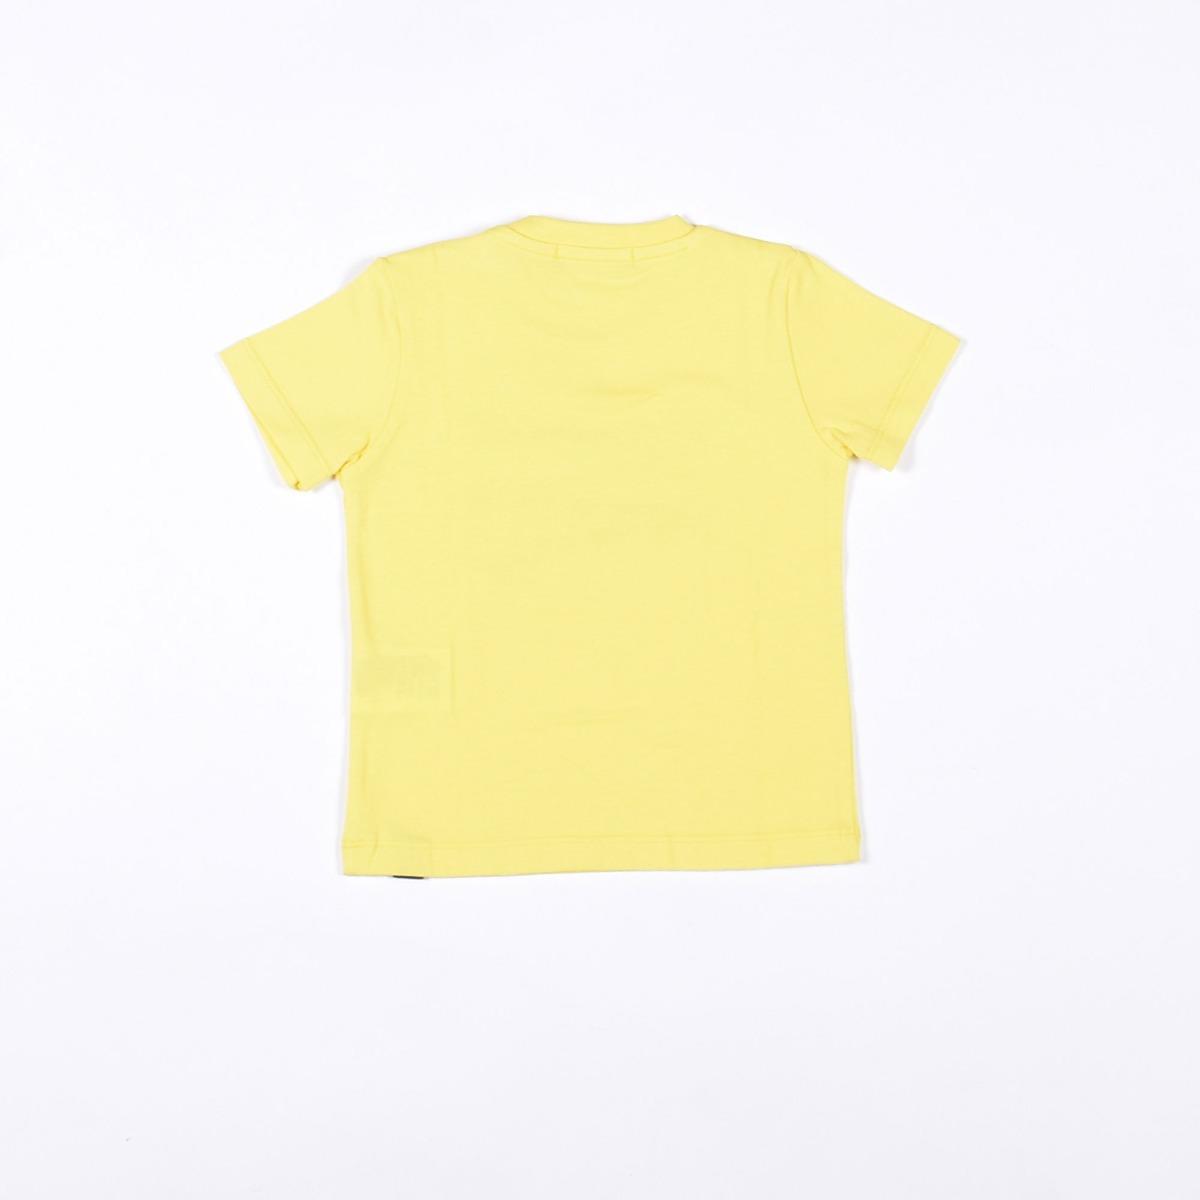 T-shirt con logo evidenziato - Gialla